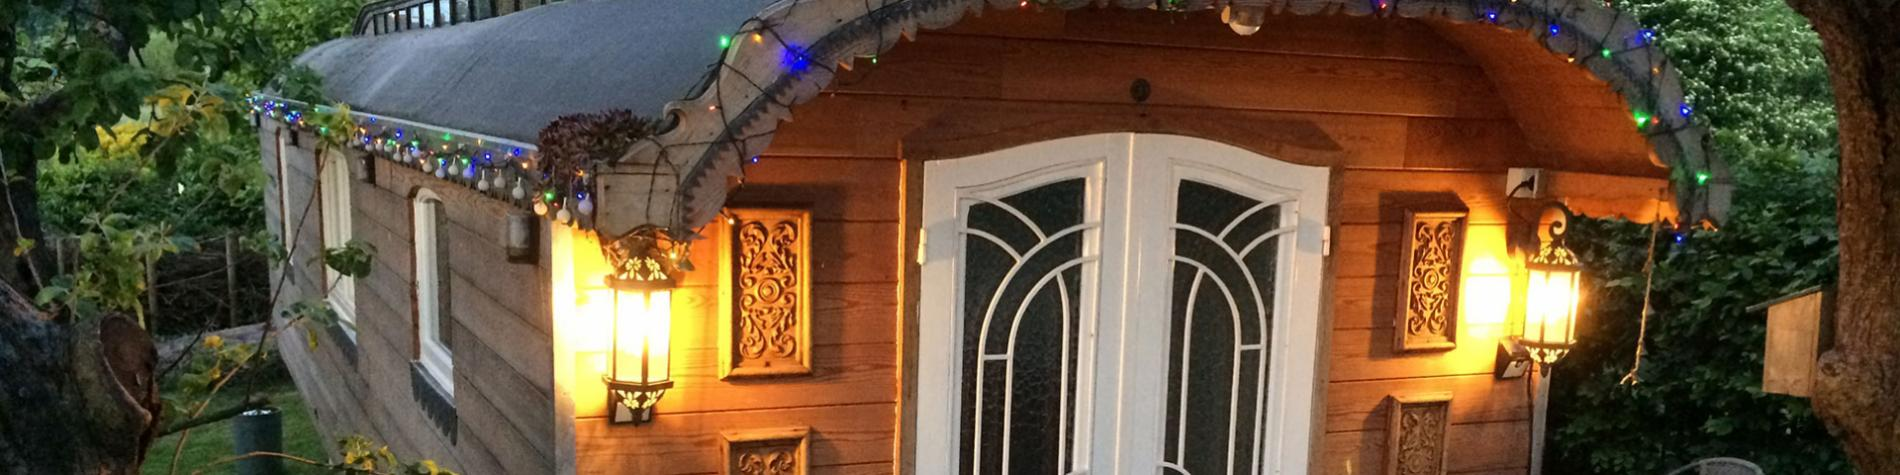 Roulotte - Annabelle - mini-maison - vacances - Soy - Erezée